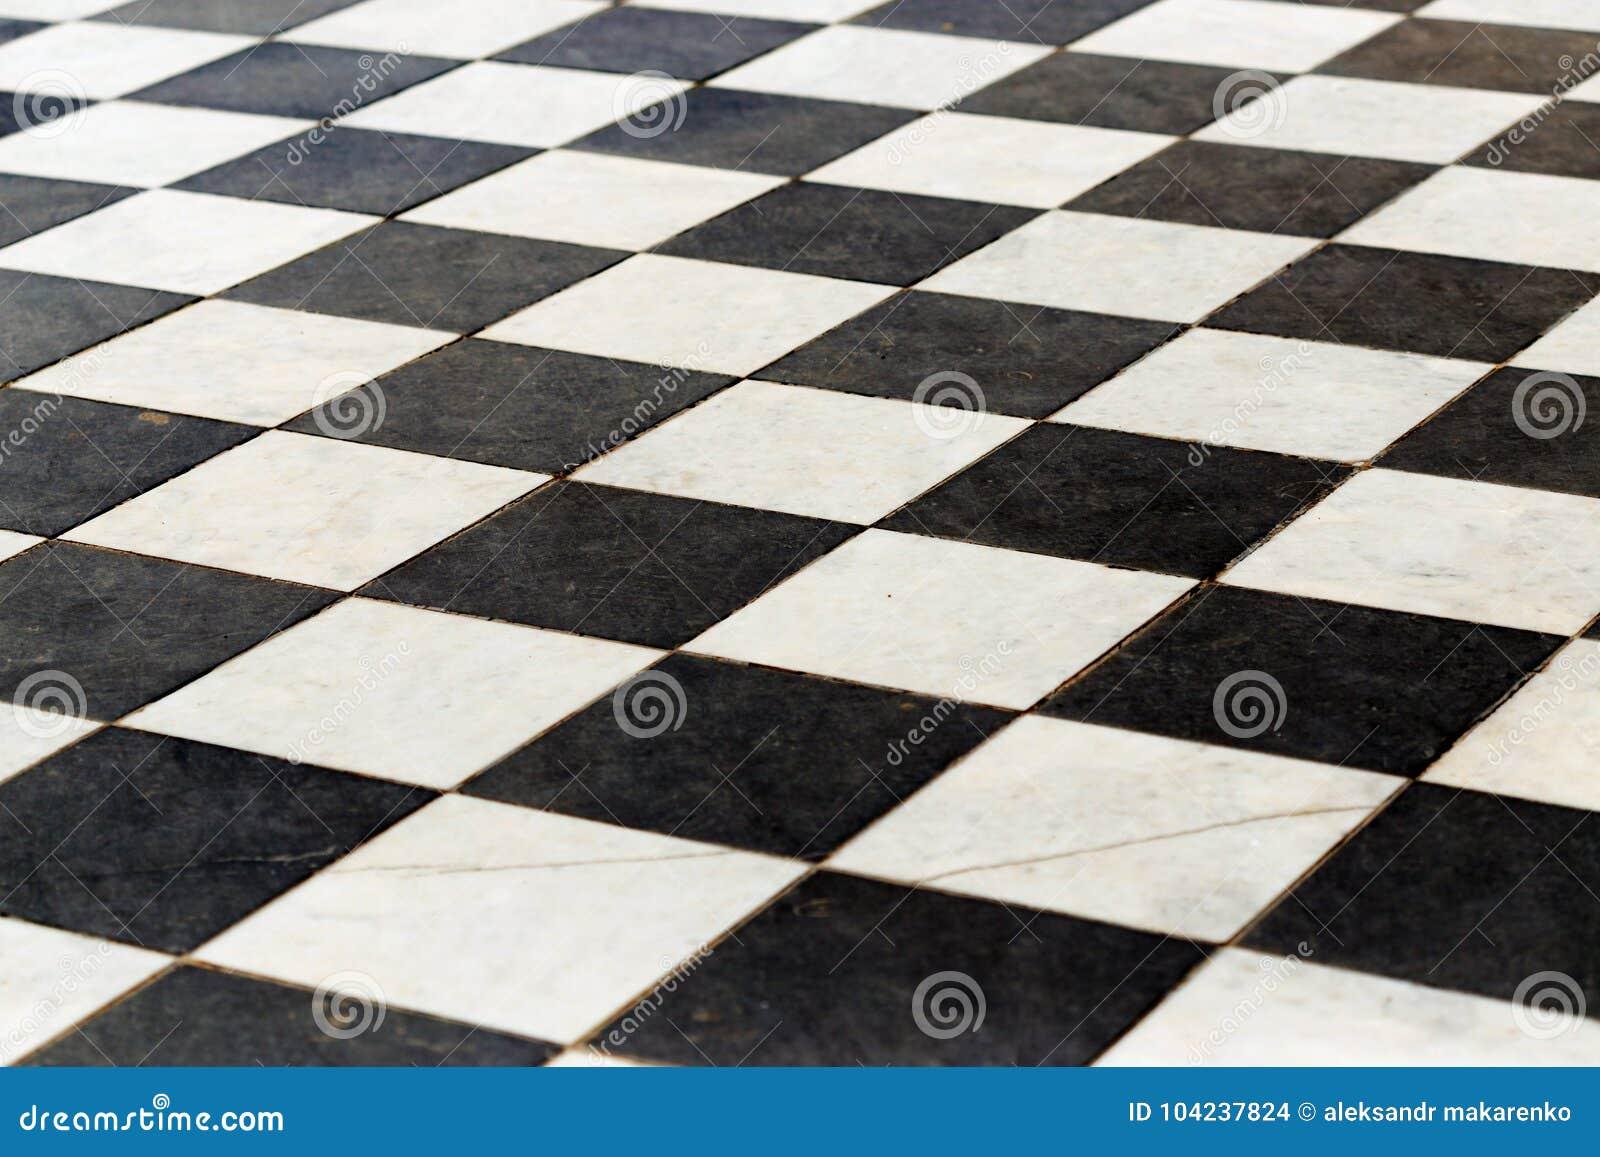 Pavimento in bianco e nero idee per arredare casa in bianco e